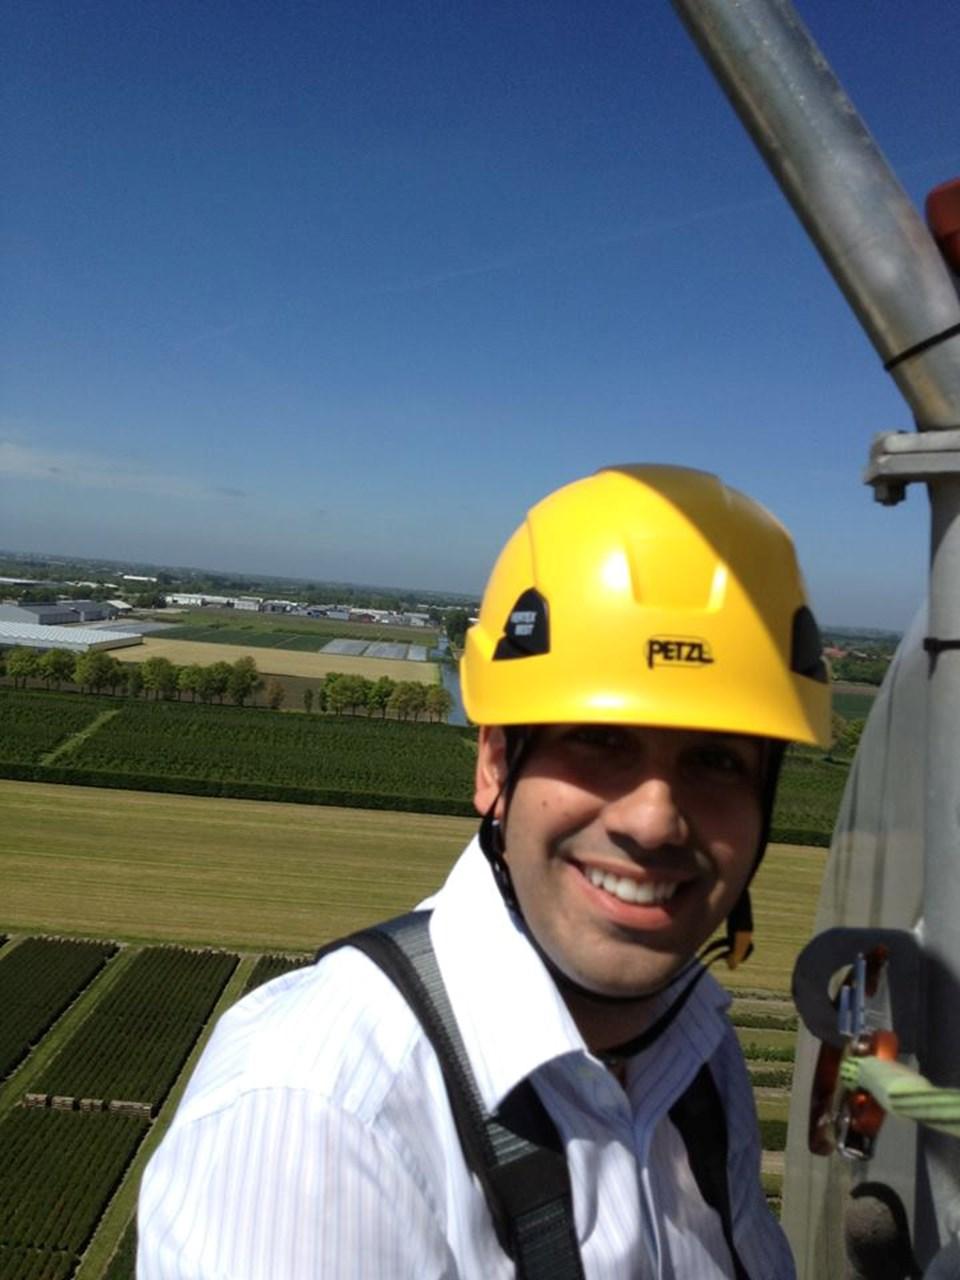 Eko Yenilenebilir Enerjiler A.Ş. şirketinin CEO'su Serhan Süzer.